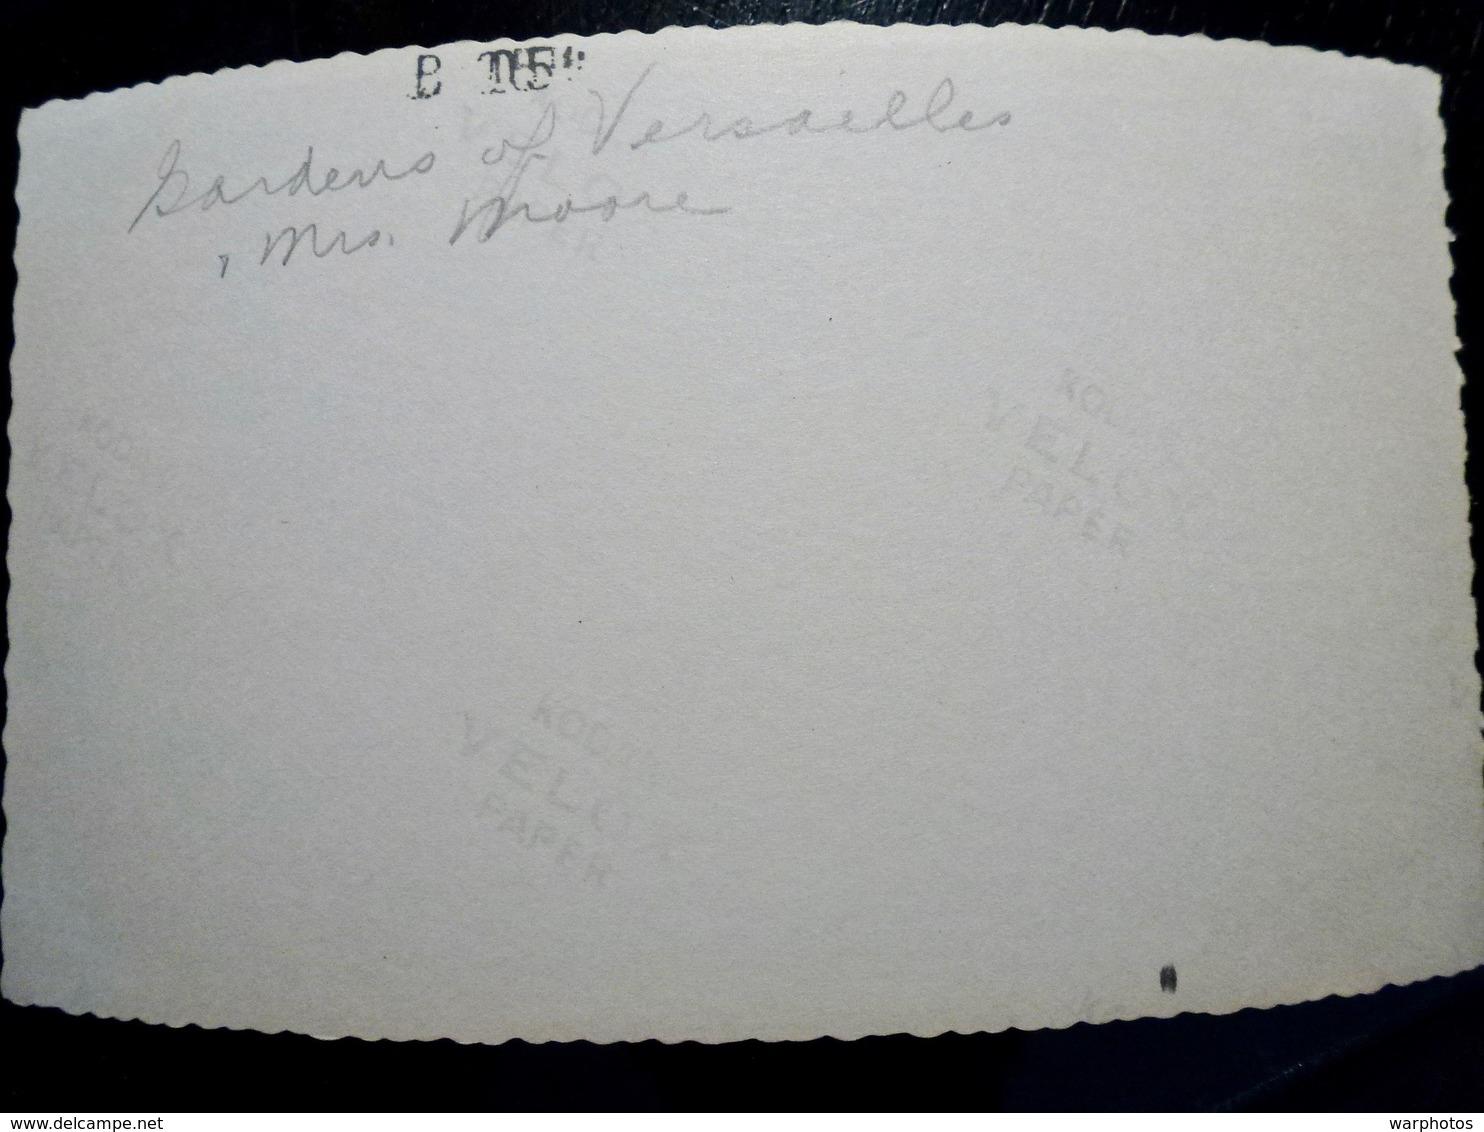 PHOTO ORIGINALE _ VINTAGE SNAPSHOT : JARDINS Du CHATEAU De VERSAILLES _ FRANCE _ 1957 - Lieux